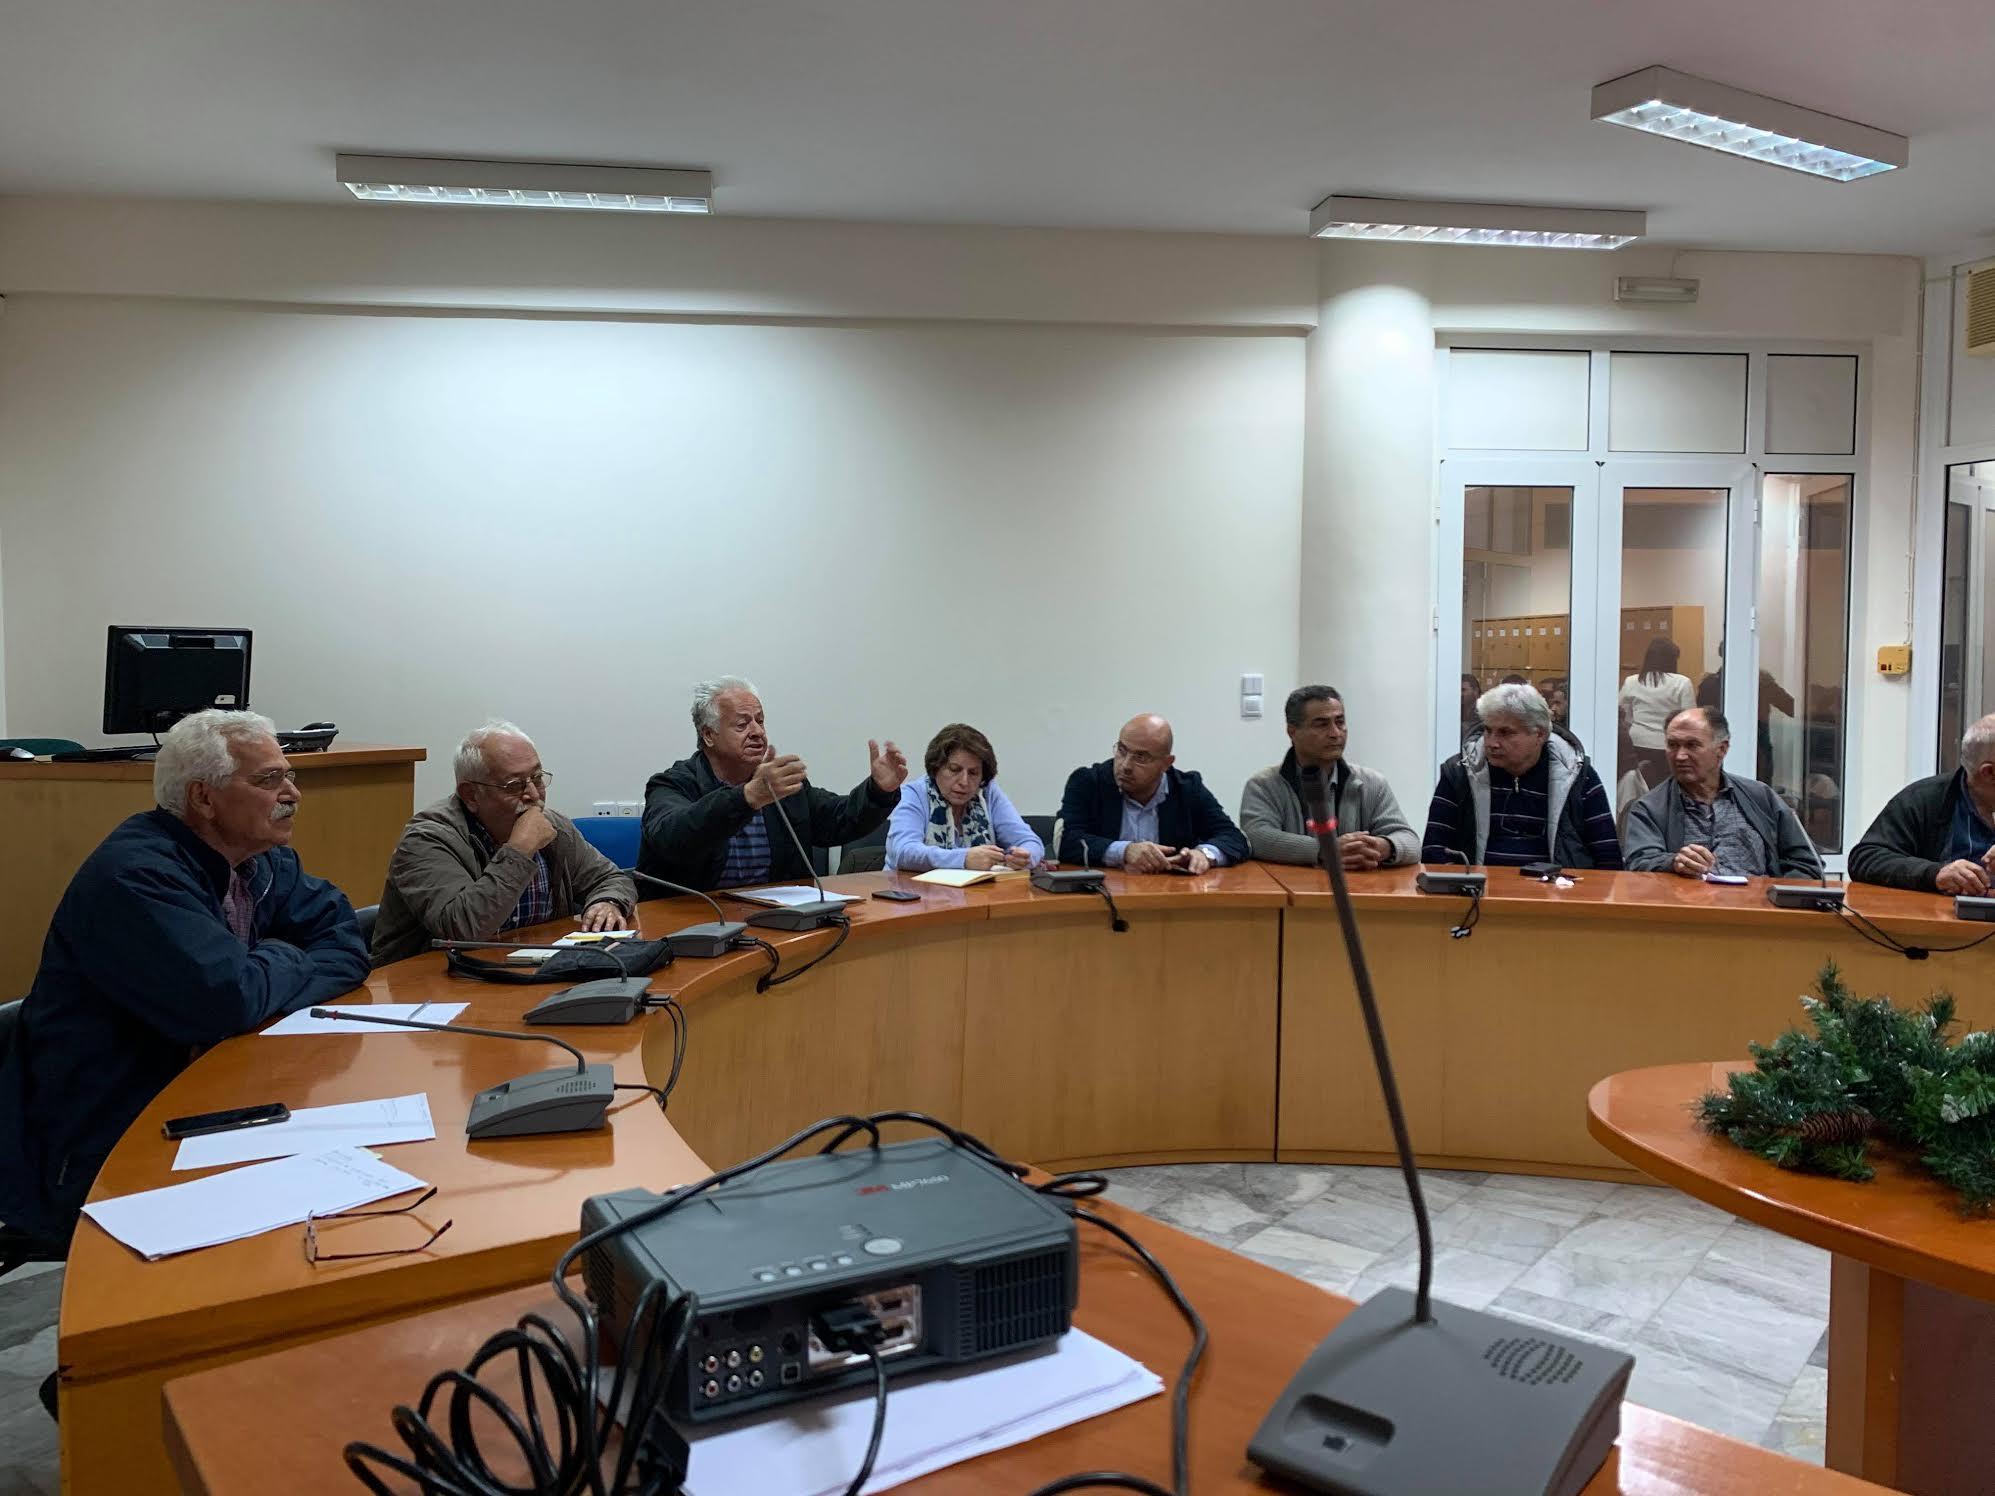 0-3-10 Σύσκεψη για τον πρωτογενή τομέα στο Μαλεβίζι